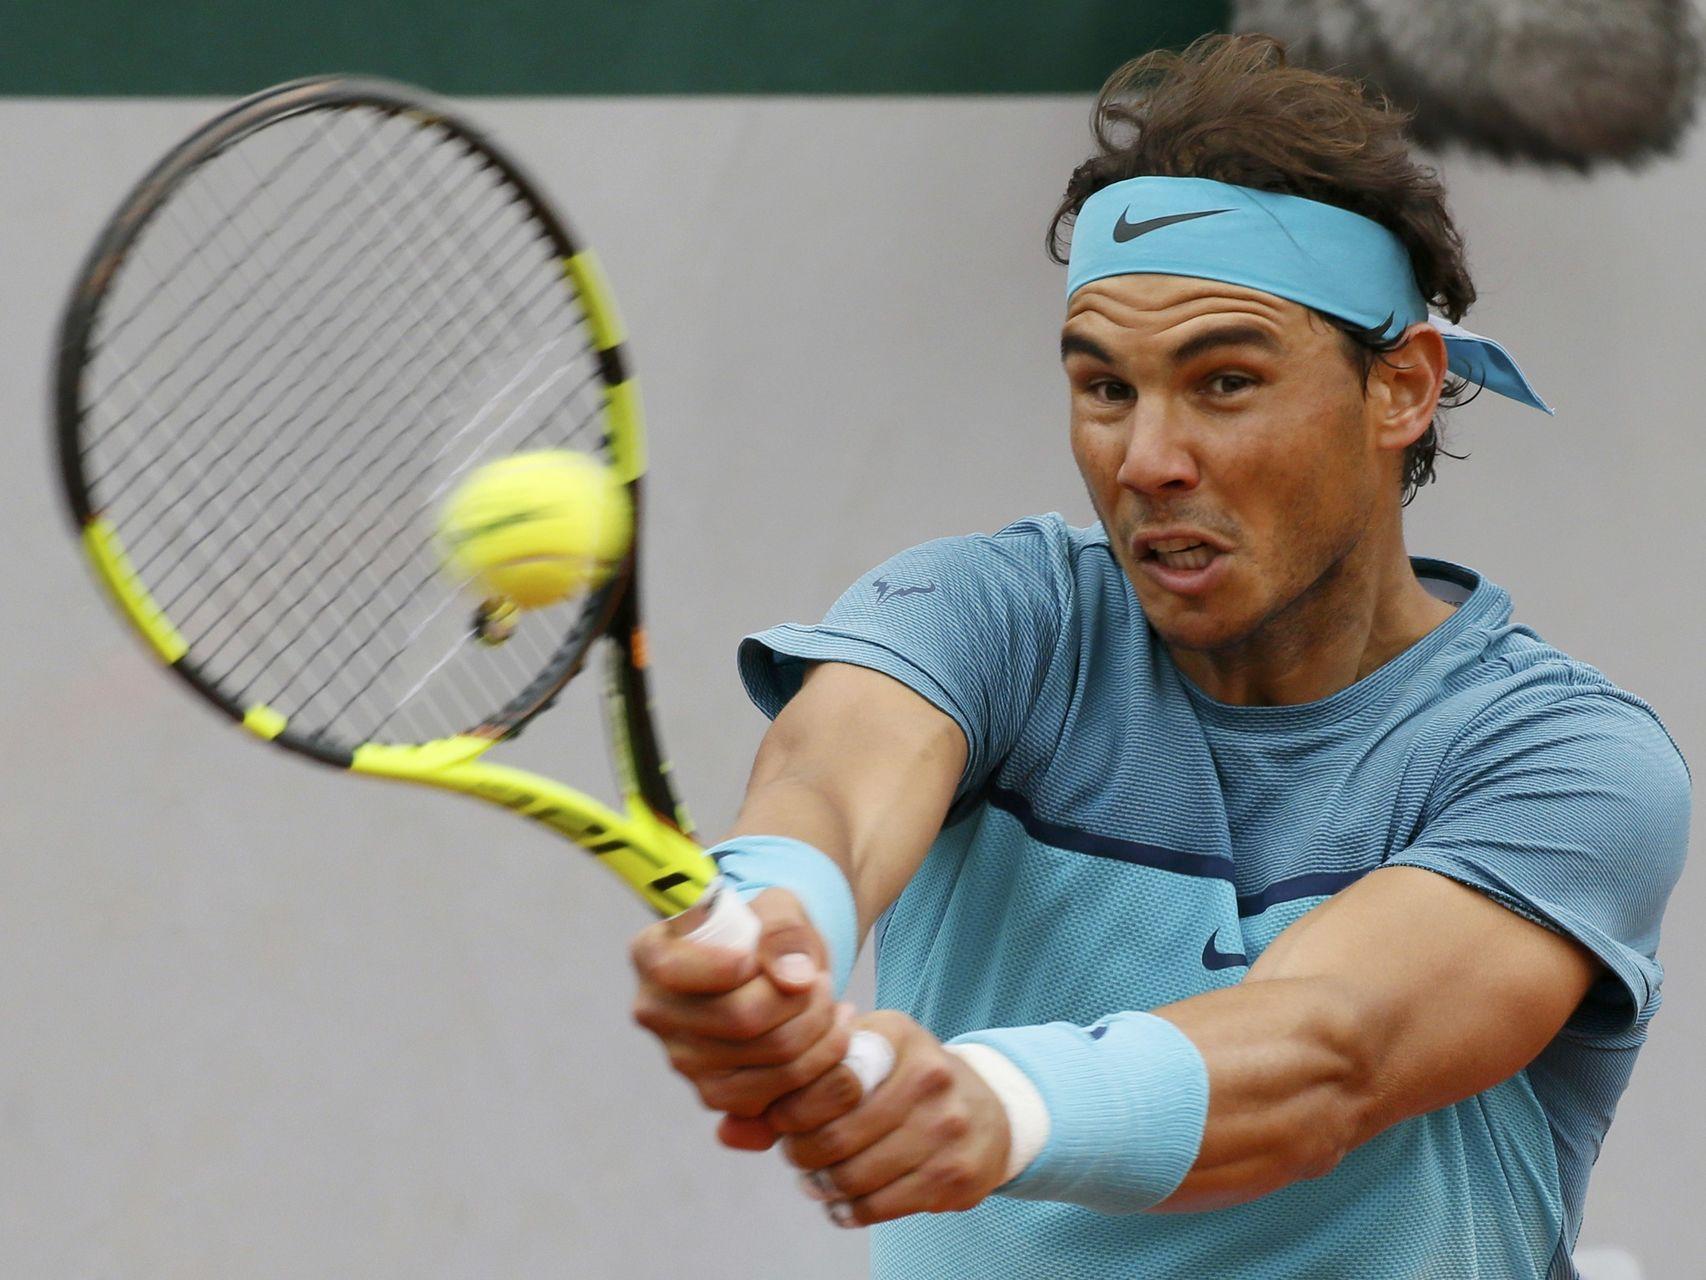 Nadal debutará contra Delbonis y Muguruza ante Jankovic en el torneo olímpico